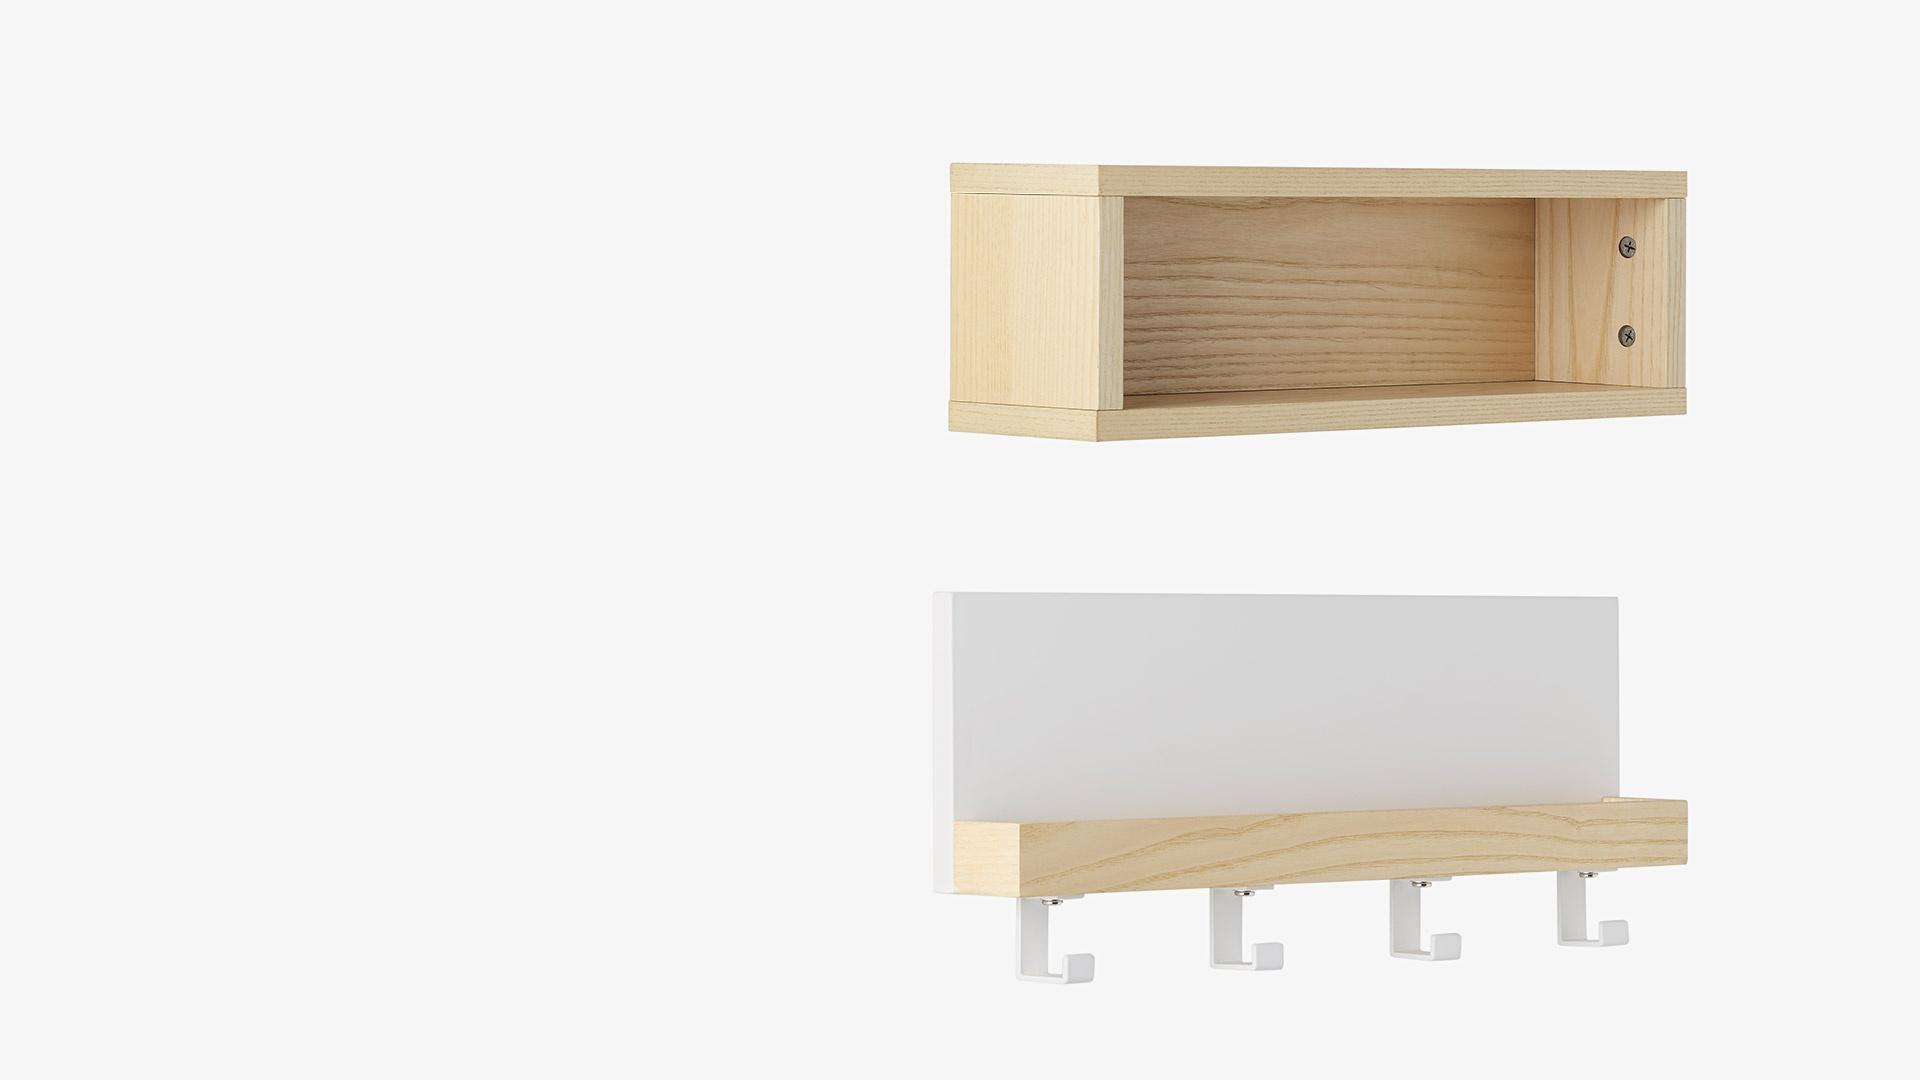 盒之形态<br/>模块化加餐